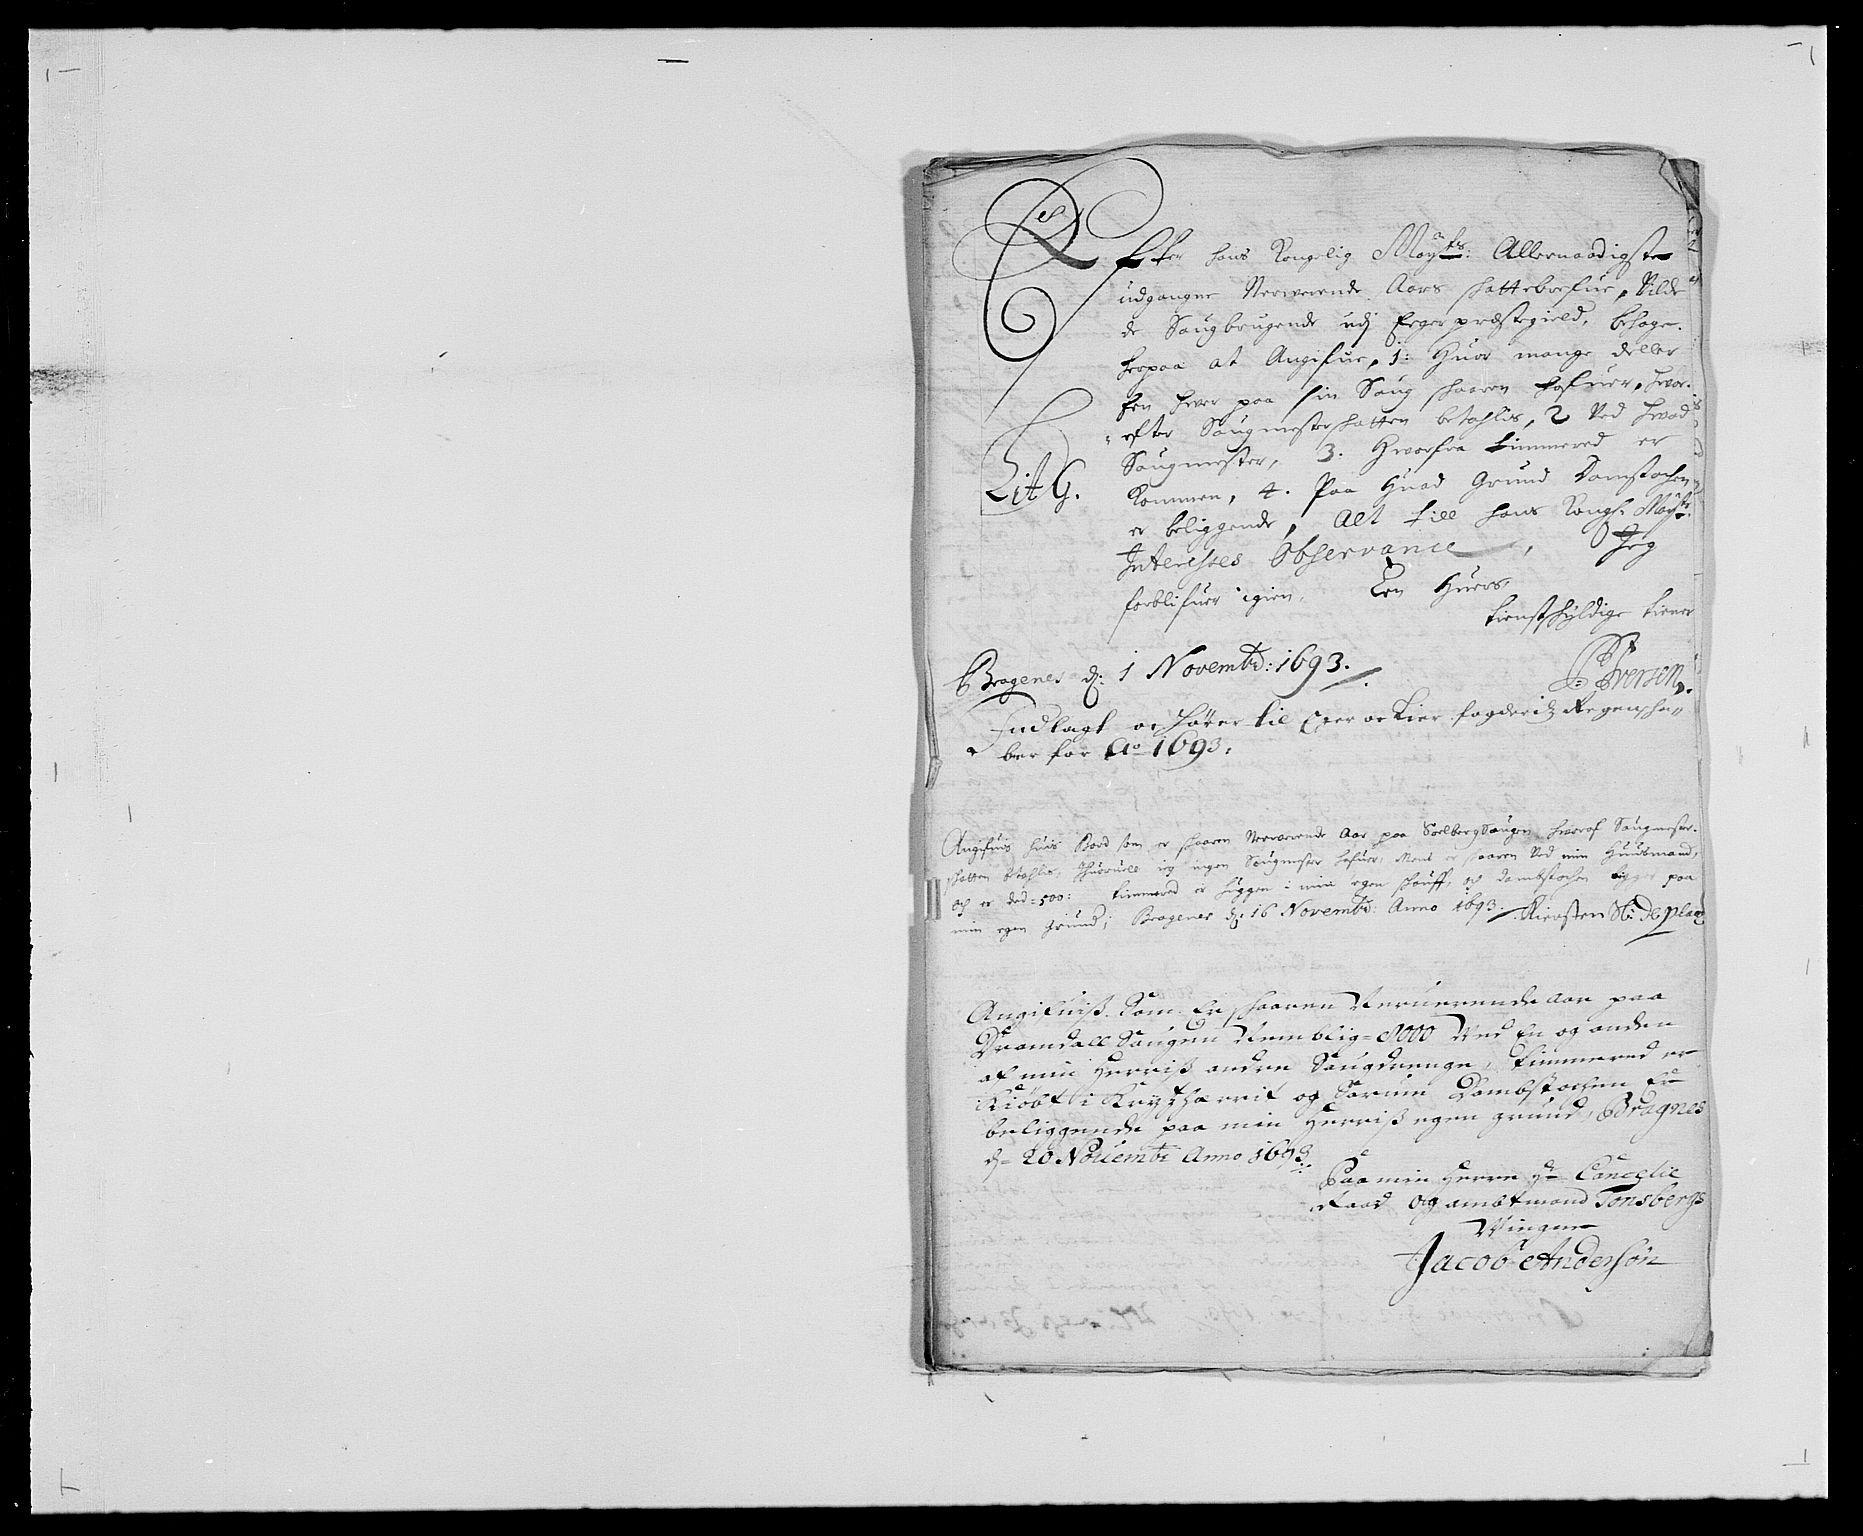 RA, Rentekammeret inntil 1814, Reviderte regnskaper, Fogderegnskap, R28/L1690: Fogderegnskap Eiker og Lier, 1692-1693, s. 187